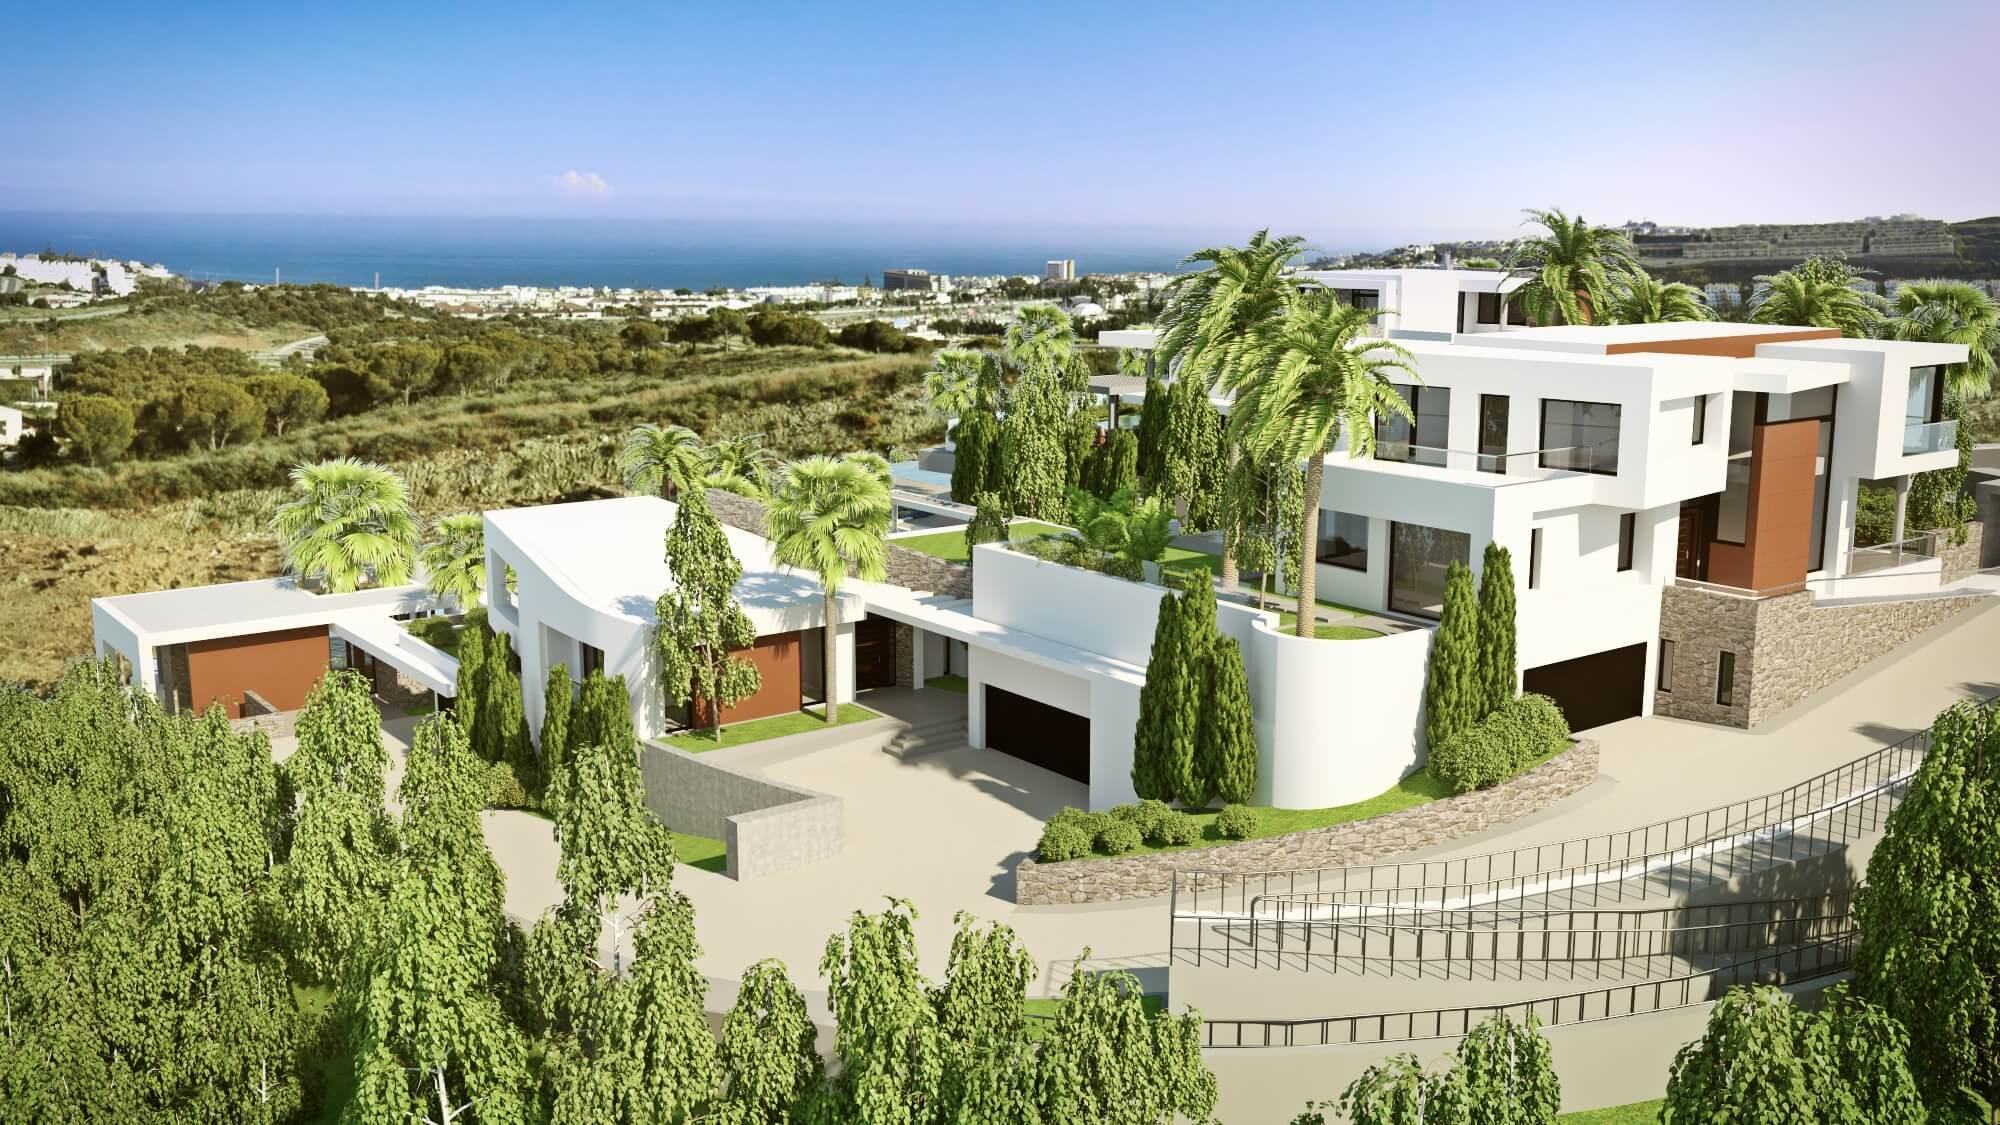 Vista general de la Urbanización, Entrada Villas 1-2-3, La Cala de Mijas, Costa del Sol, Málaga